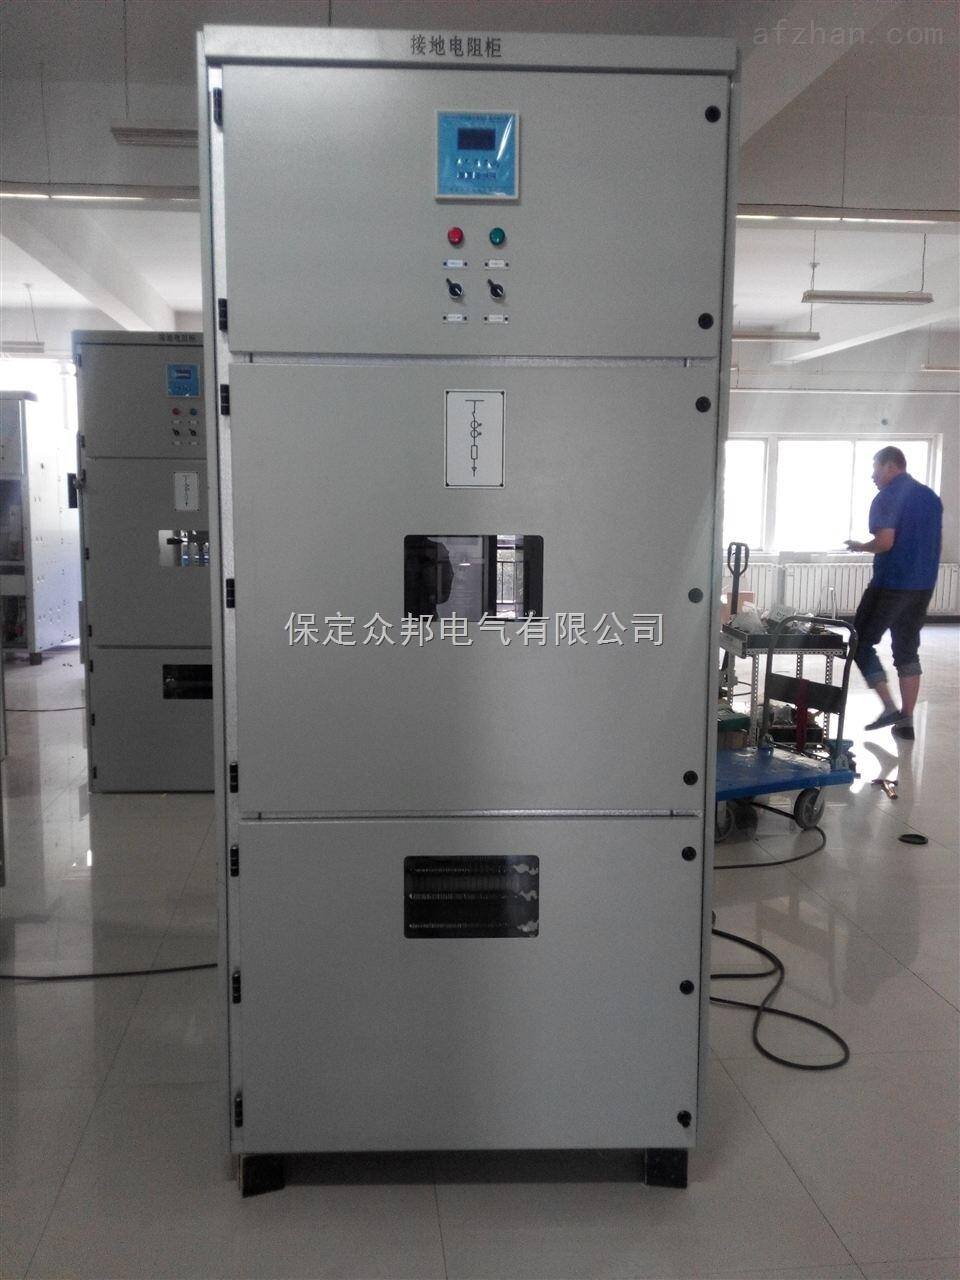 保定众邦电气制造有限公司是高新技术企业,有长期电力系统中性点接地电阻的生产经验。产品具有精度高、线性度好、运行可靠、安装方便,外形美观等特点,该产品已用于国家许多重点工程。生产的0.4KV~35KV的发电机中性点接地电阻柜是发电机组中采用高阻接地的专用成套装置。 接地电阻柜的技术指标 发电机在运行中,发生单相接地是最常见的故障,其危害性在于故障点出现电弧接地时会进一步扩大定子绕组绝缘损害范围,甚至烧损铁芯,如不及时发现并快速切除故障,将发展成为相间或匝间短路。基于上述原因,国际广泛采用发电机中性点高阻接地